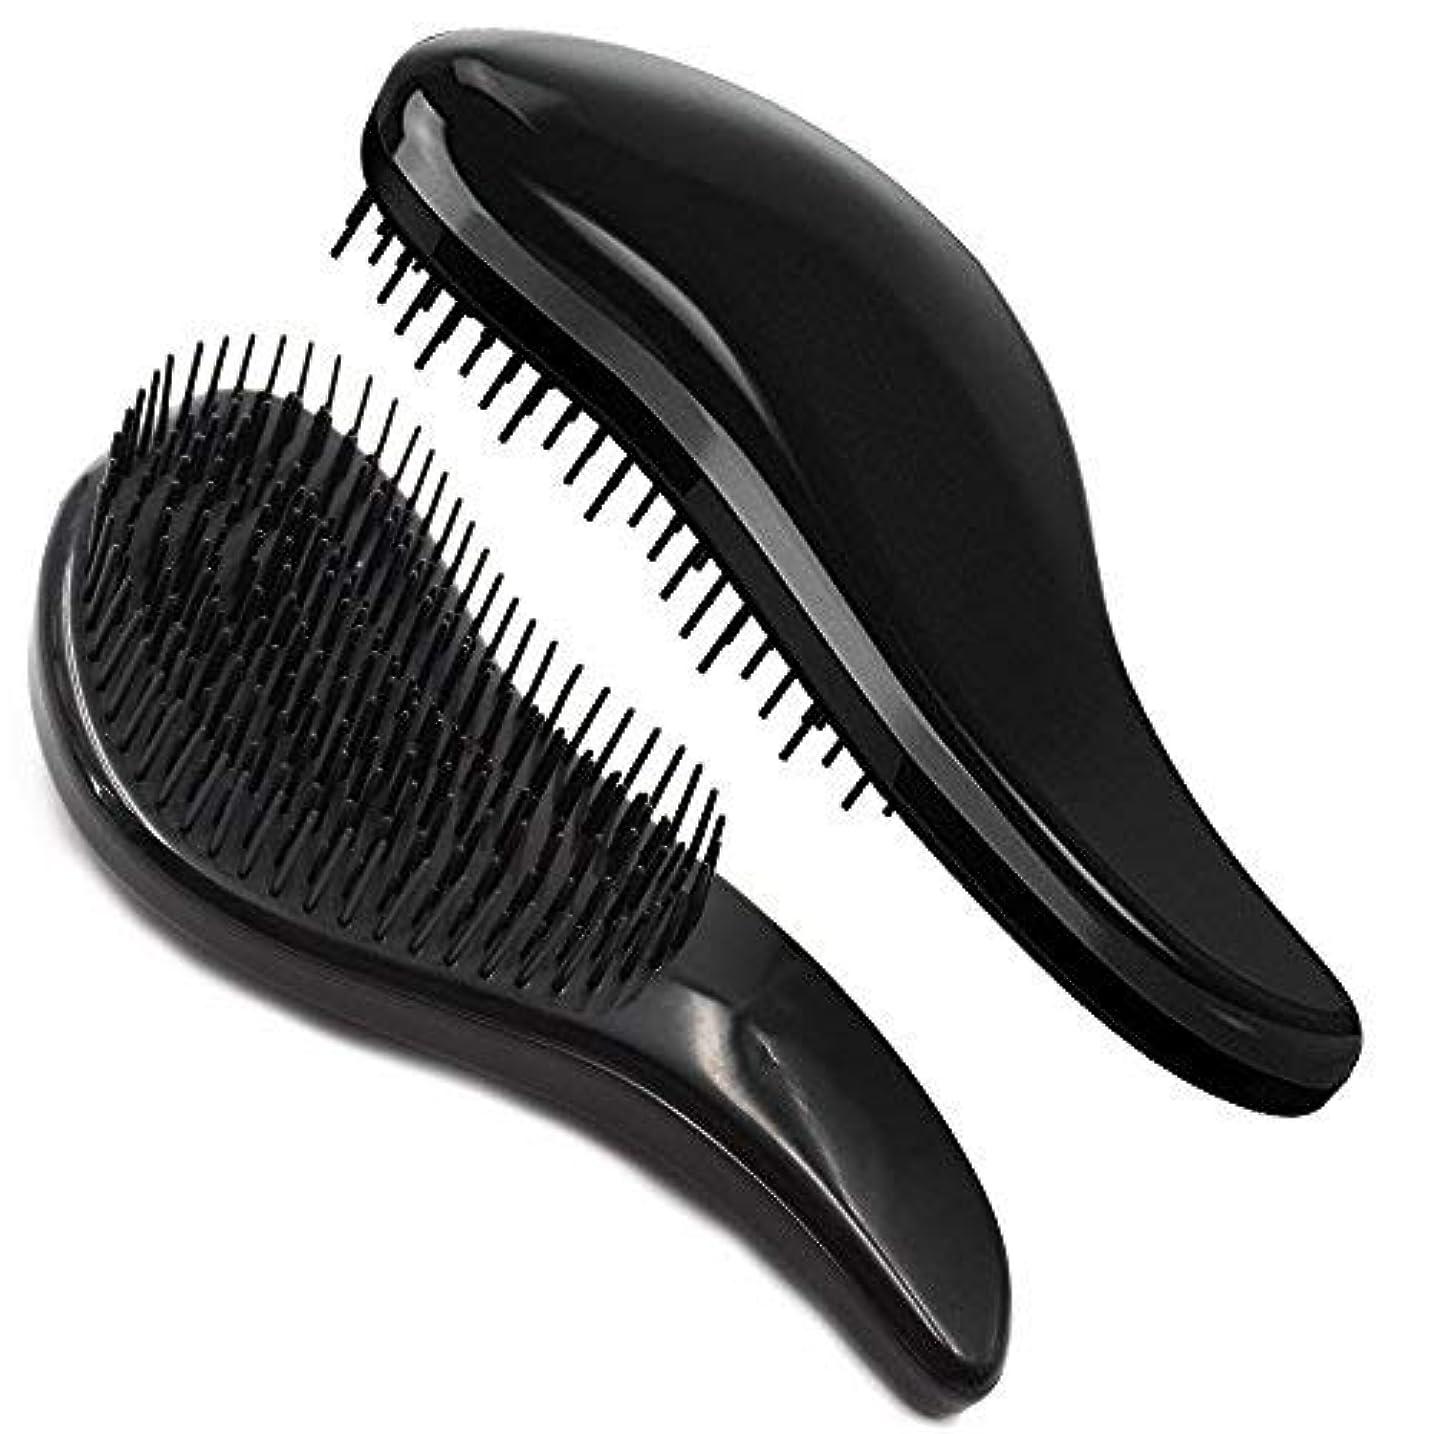 離れた通信する起こりやすいBrush Master Detangler Hair Comb Hair Brush for Wet Hair Curly Hair Straight Hair for Women Men Kids Black [並行輸入品]